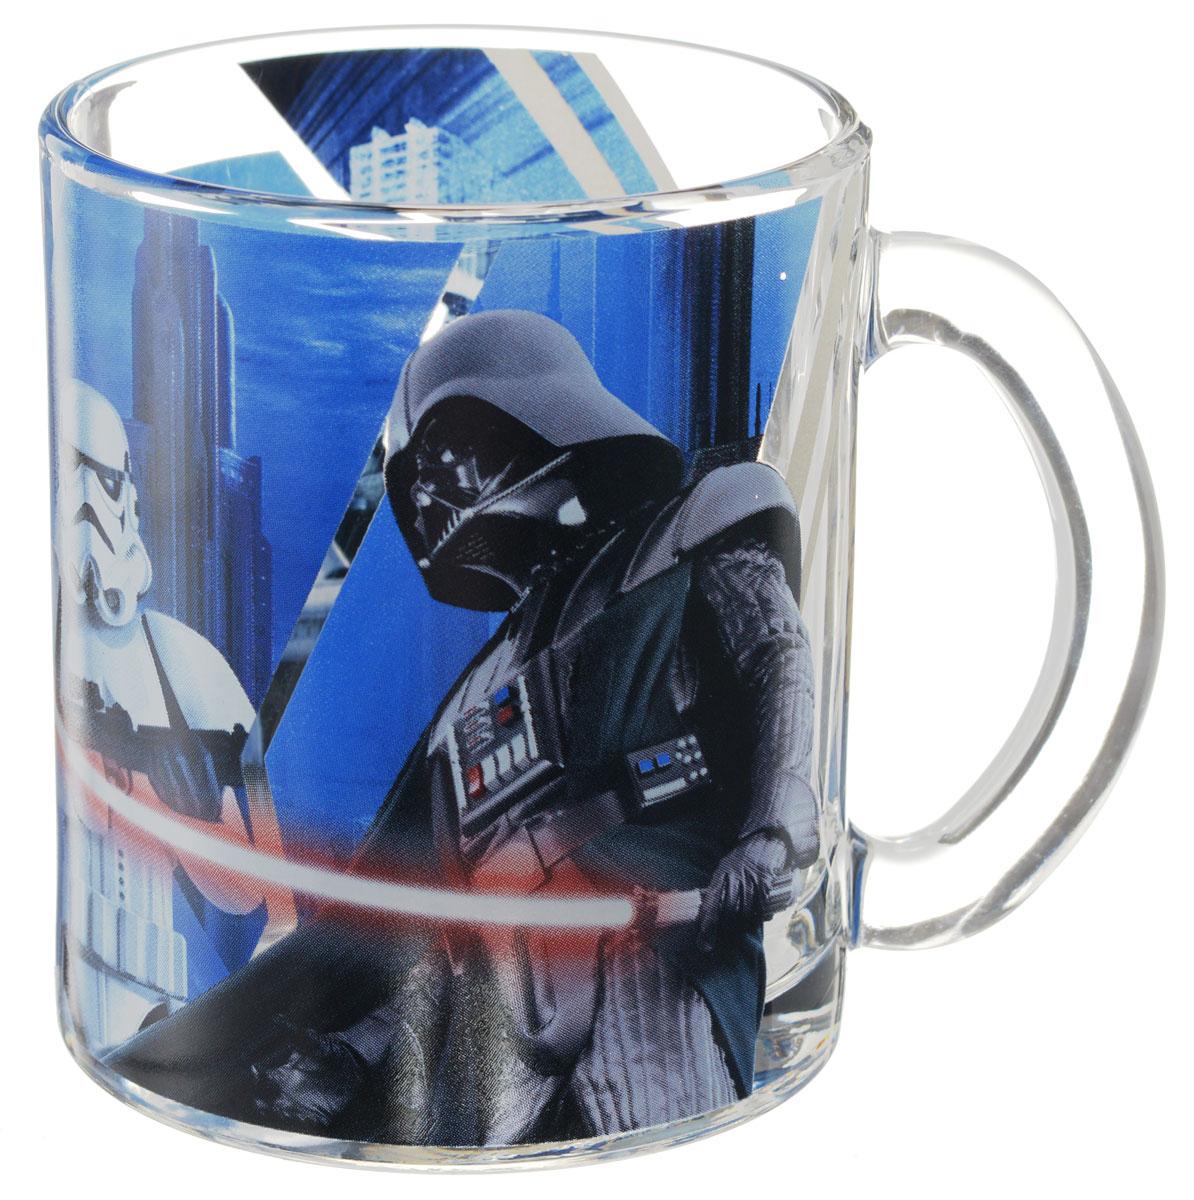 """Детская кружка Star Wars """"Дарт Вейдер и штурмовики"""" с любимыми героями станет отличным подарком для вашего ребенка. Она выполнена из стекла и оформлена изображением героев киновселенной """"Звездные войны"""".  Кружка дополнена удобной ручкой.  Такой подарок станет не только приятным, но и практичным сувениром: кружка будет незаменимым атрибутом чаепития, а оригинальное оформление кружки добавит ярких эмоций и хорошего настроения. Можно использовать в посудомоечной машине."""